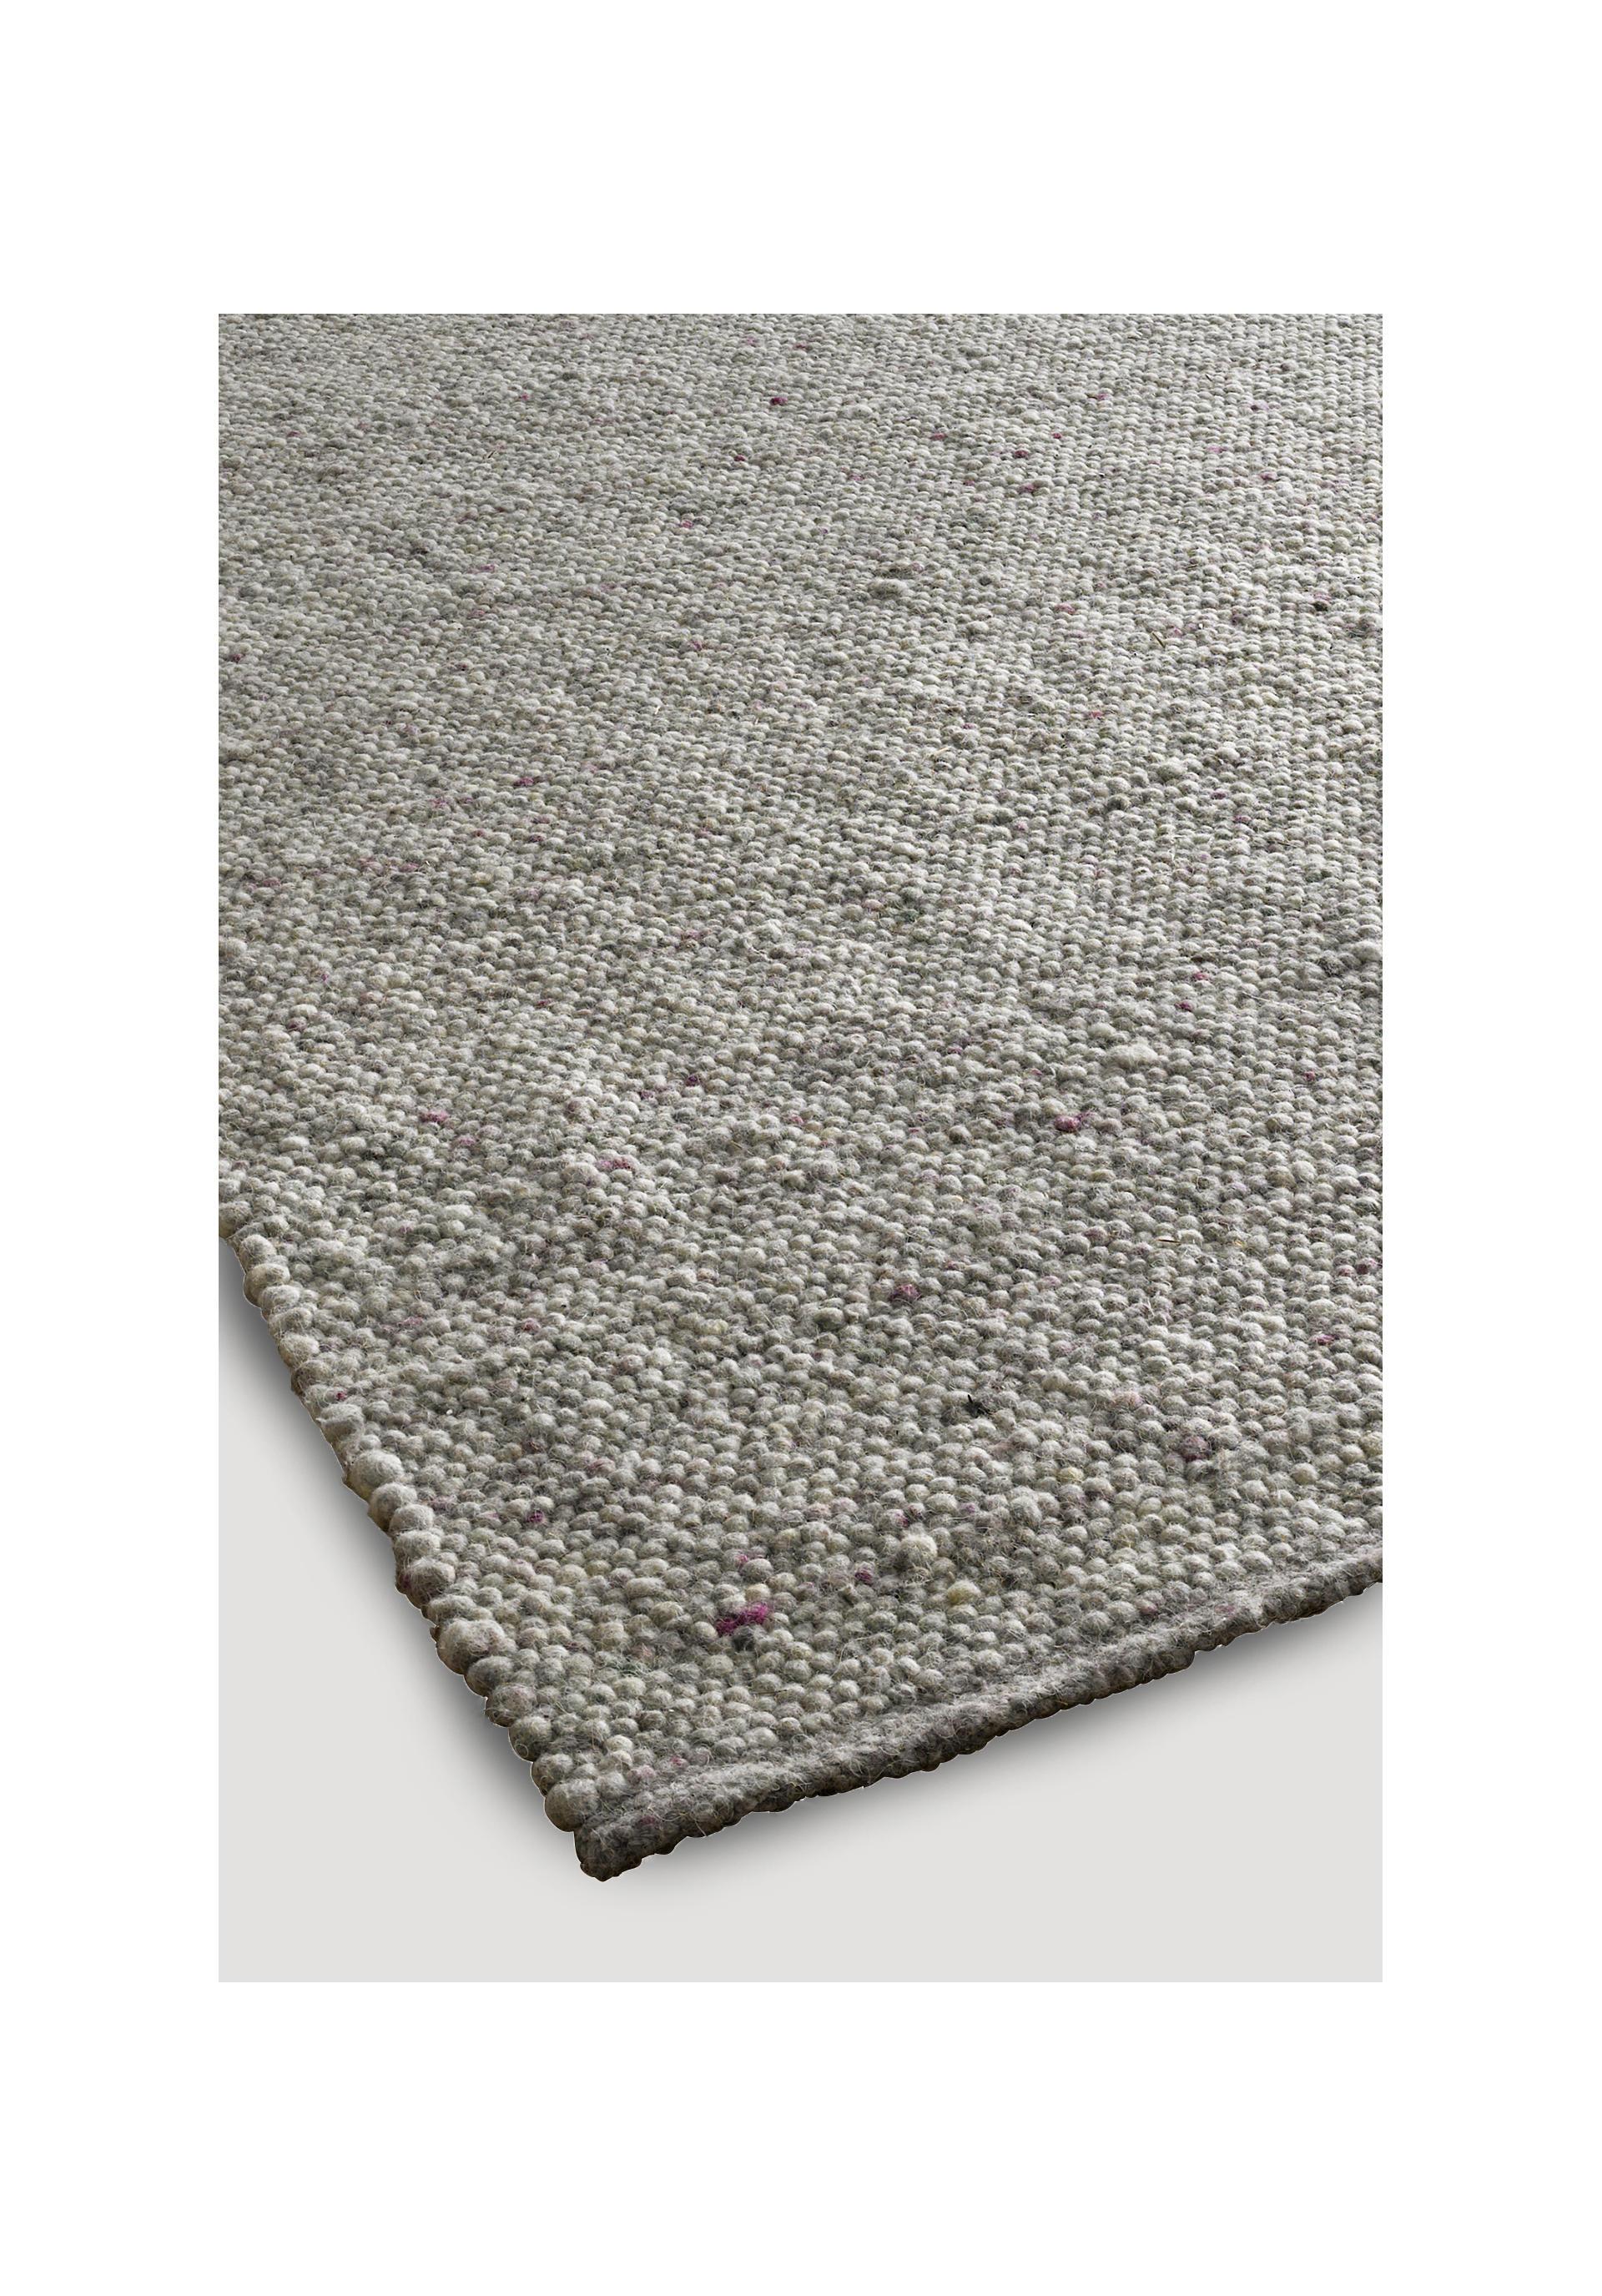 web teppich heidschnucke aus reiner schurwolle hessnatur schweiz. Black Bedroom Furniture Sets. Home Design Ideas